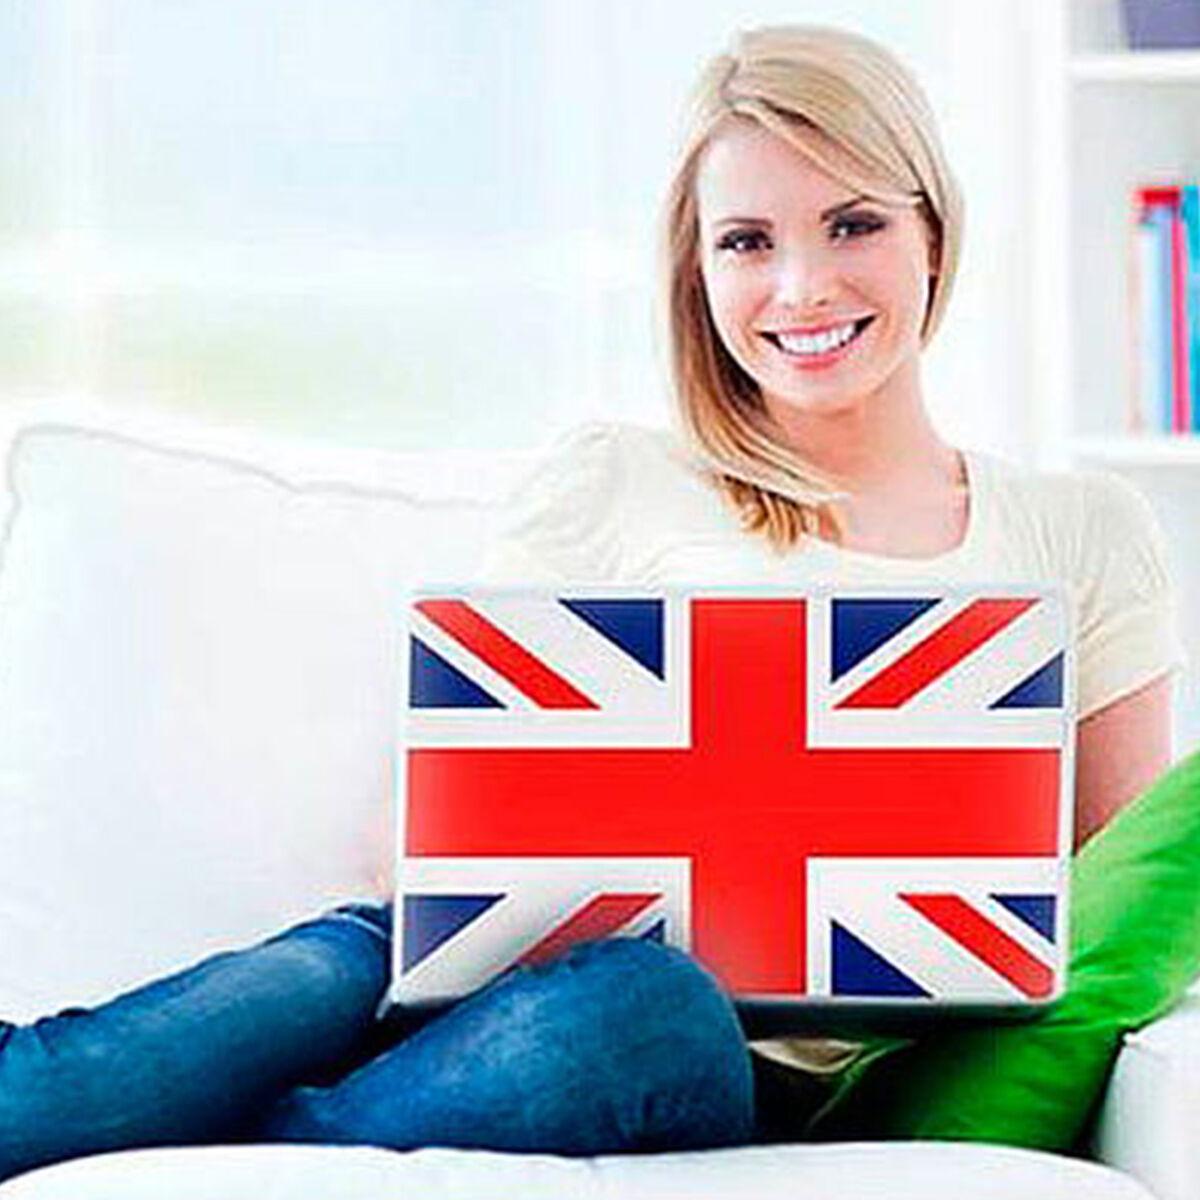 Curso online de inglés 60 meses con certificación internacional en British Language Center (BLC4U)